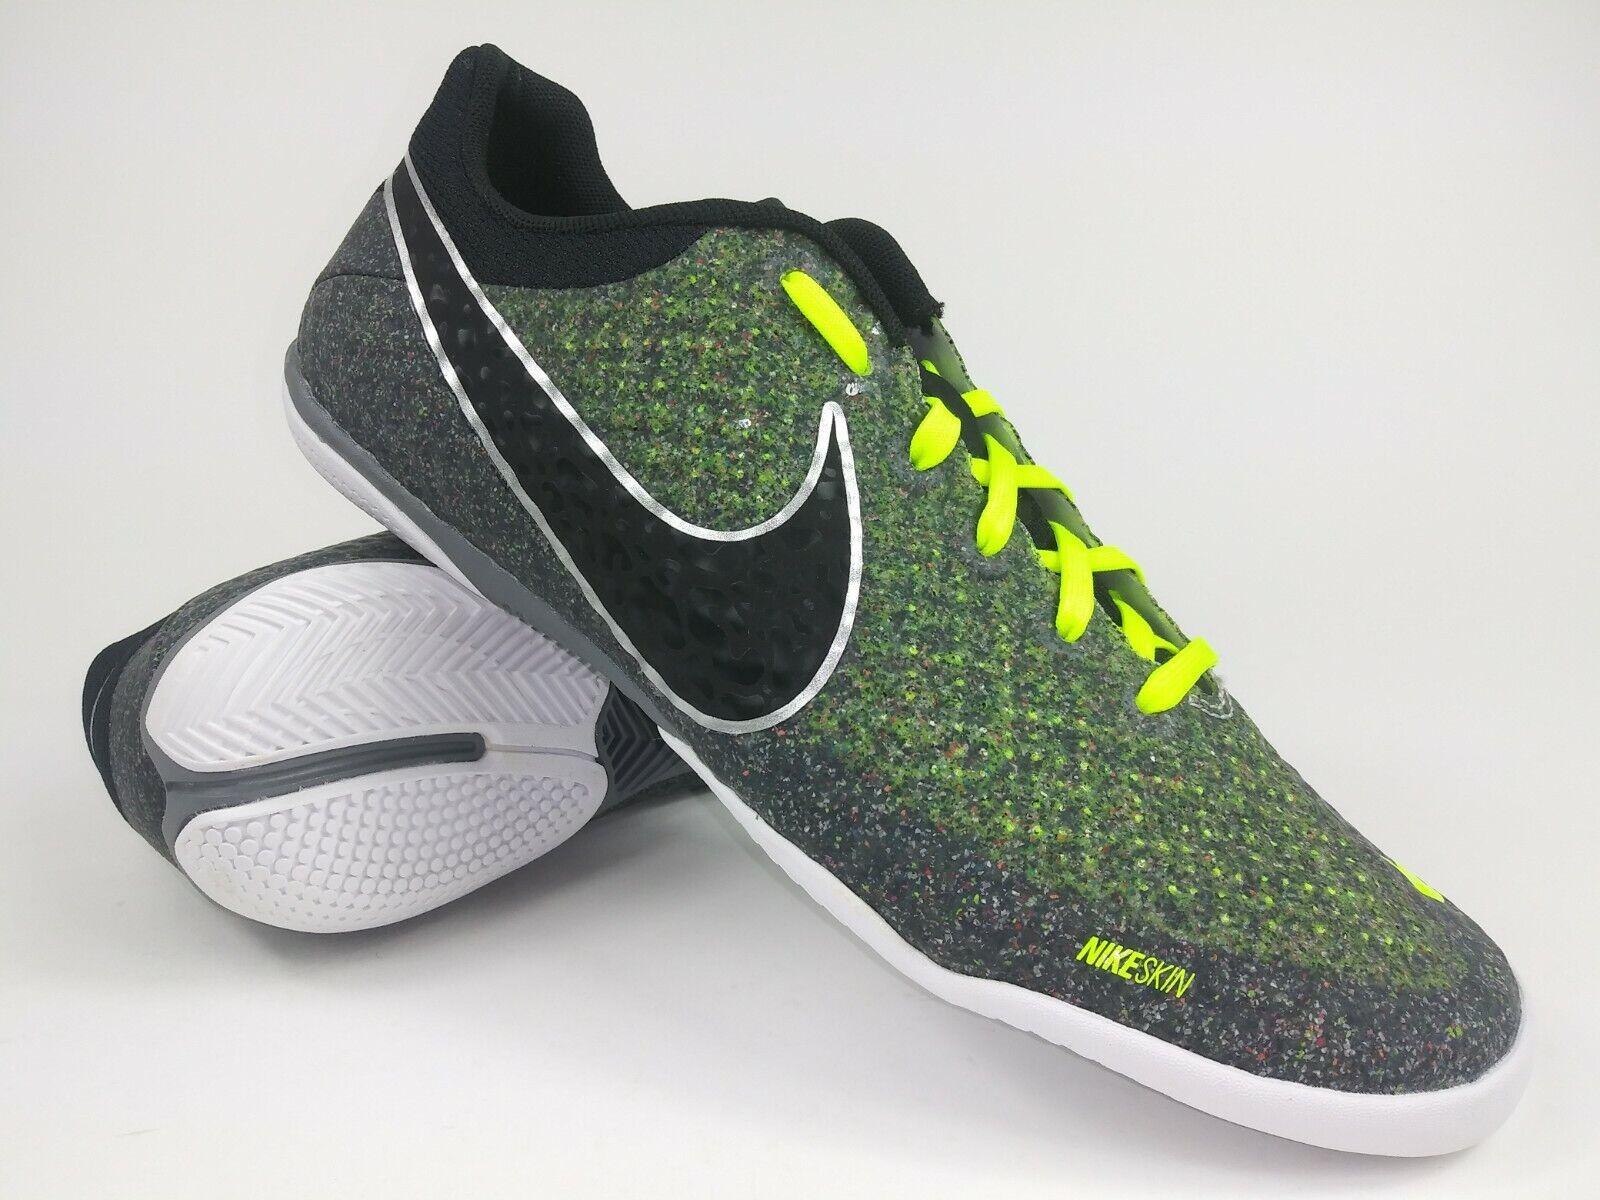 Nike Mens Rare Elastico Finale ll  580457 007 Grün Weiß Indoor schuhe Größe 8